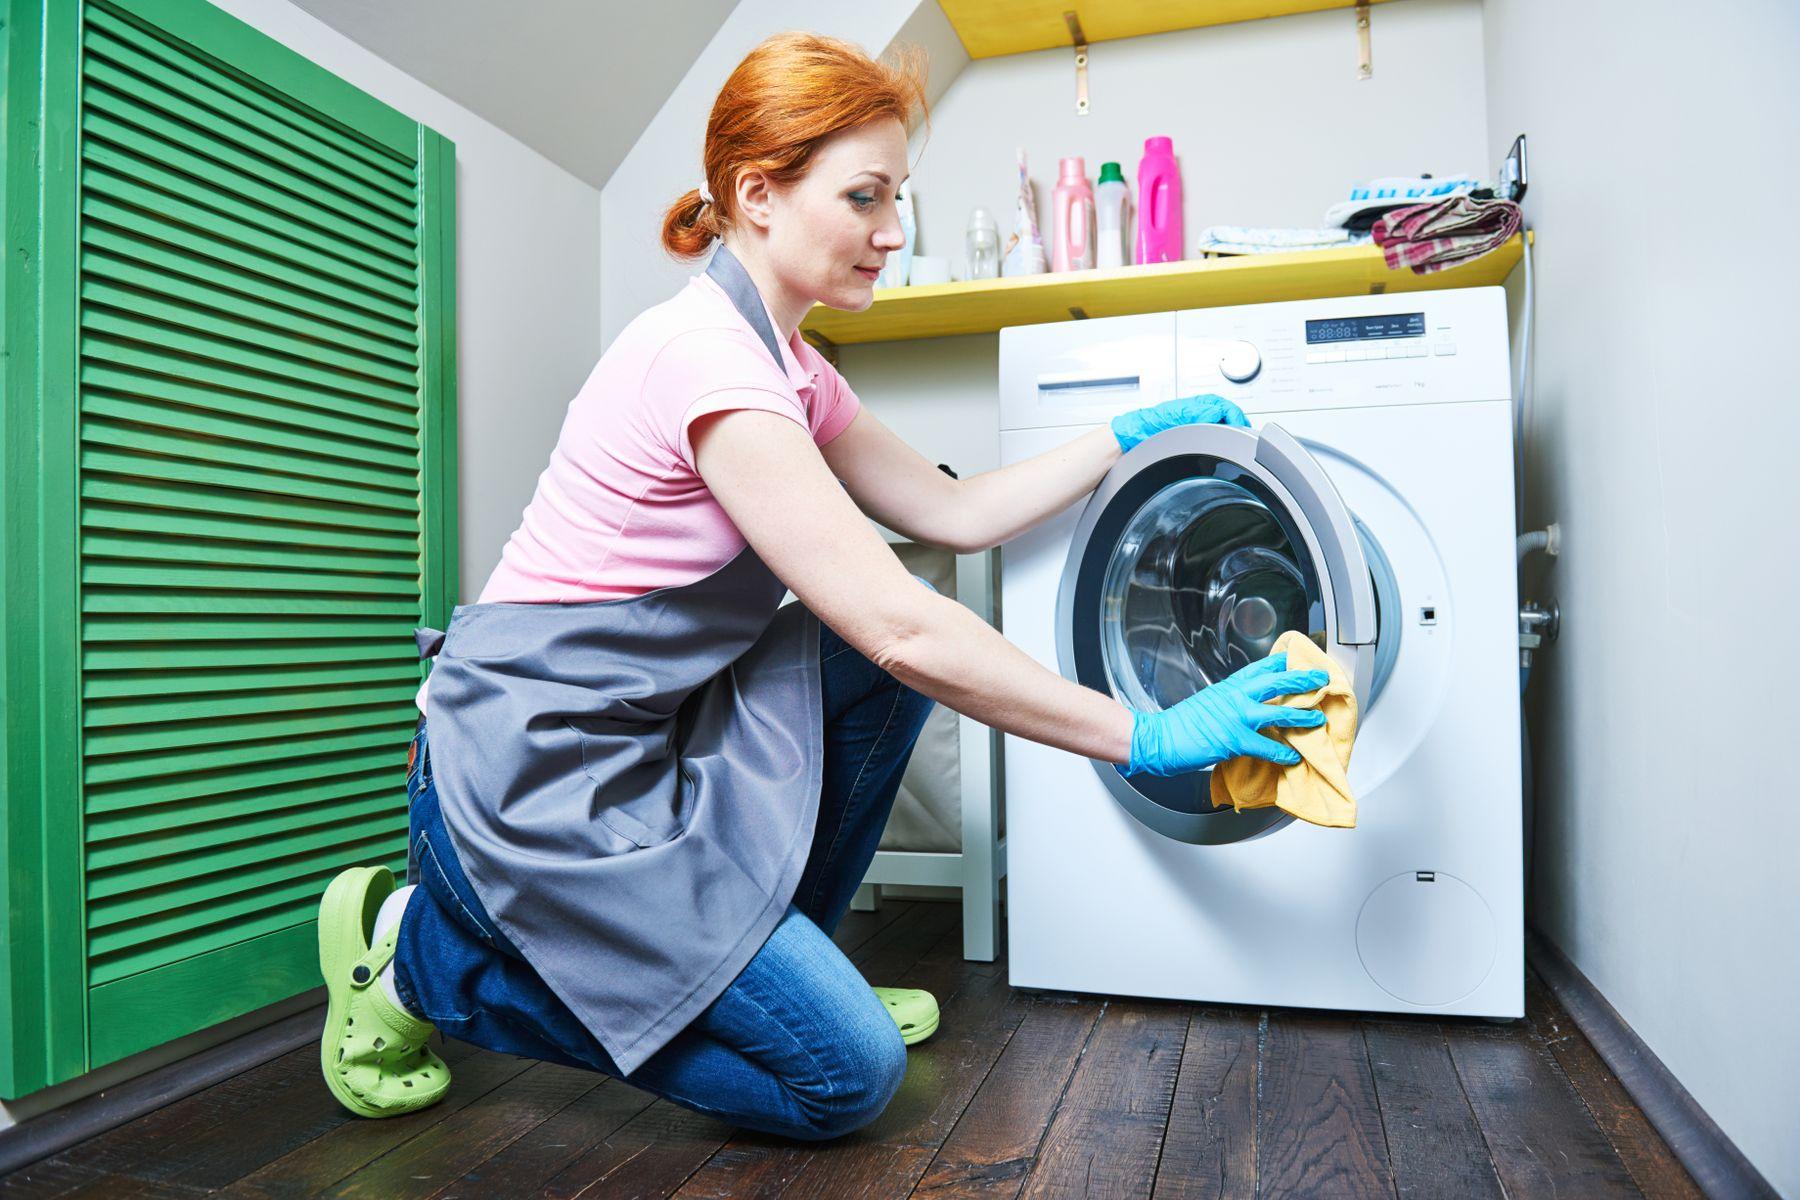 Pessoa limpando a máquina de lavar roupa